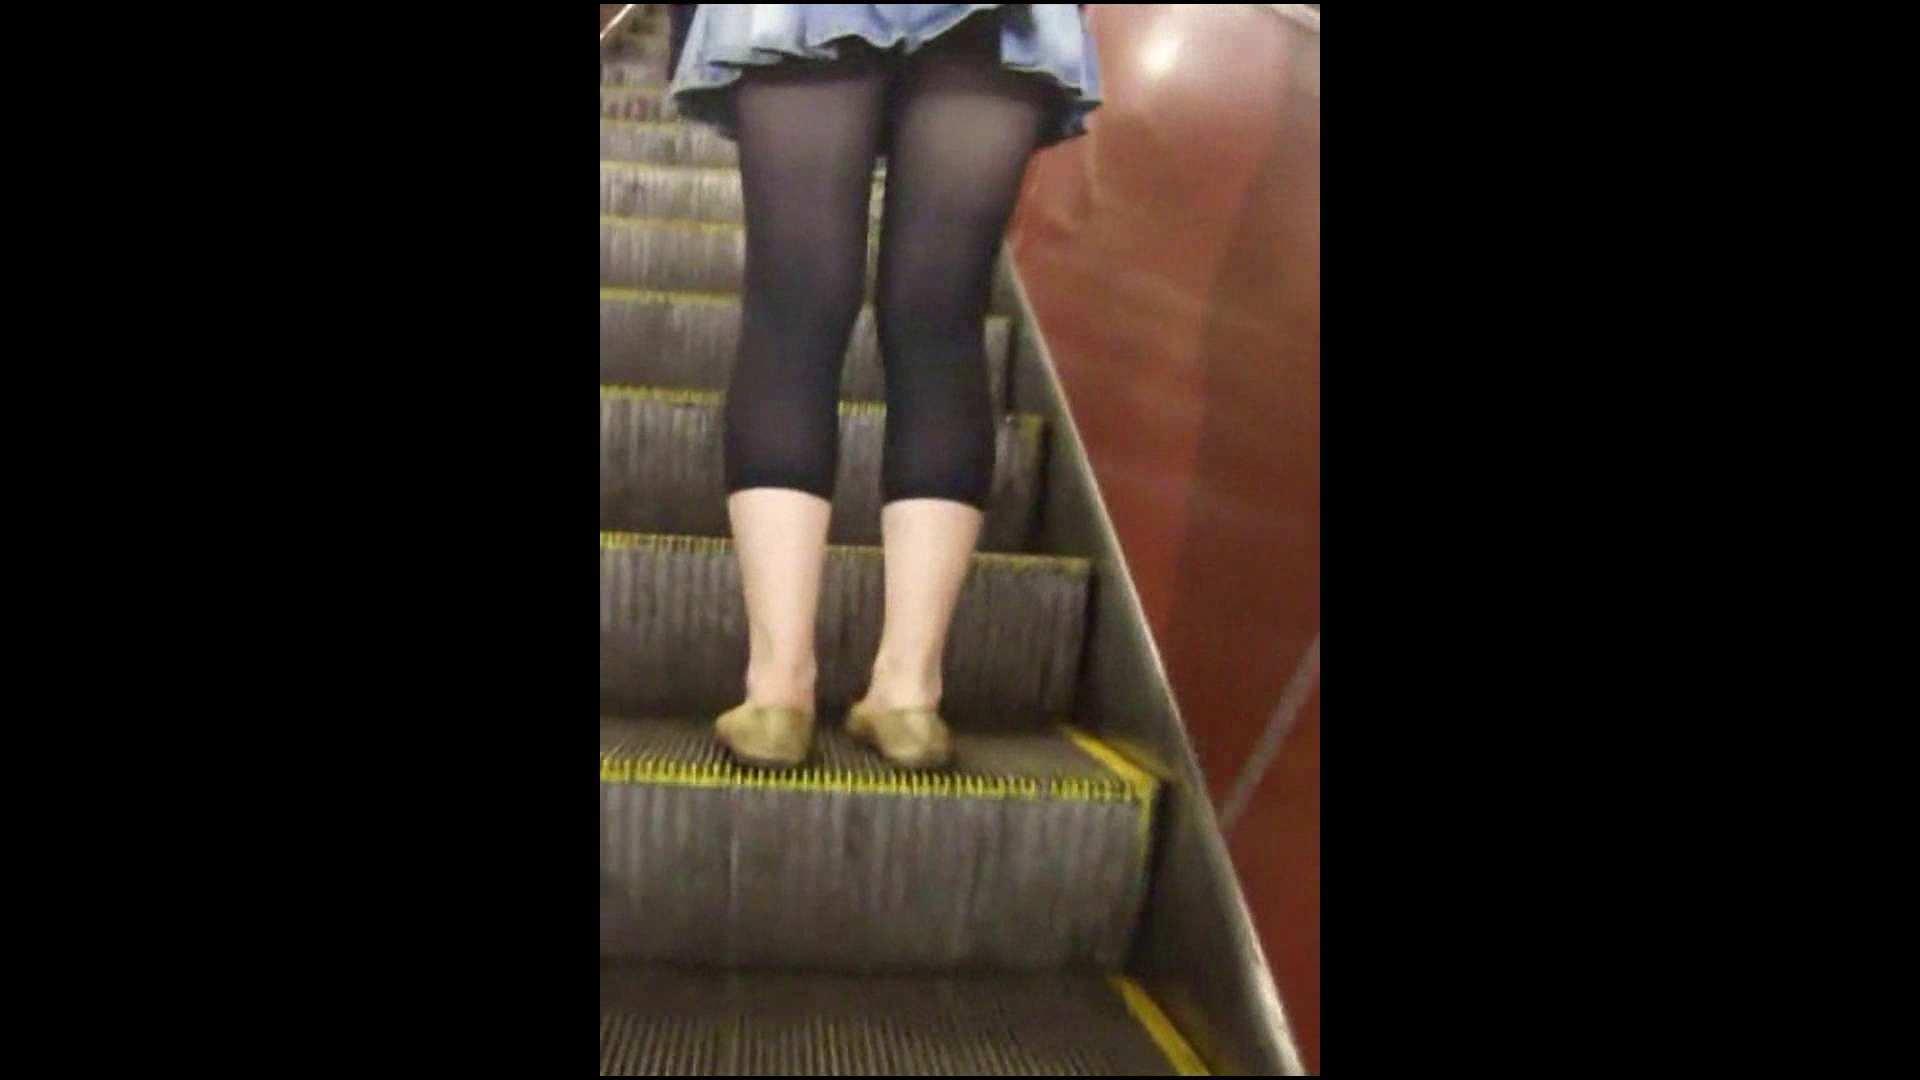 綺麗なモデルさんのスカート捲っちゃおう‼vol06 モデル おまんこ動画流出 103pic 77